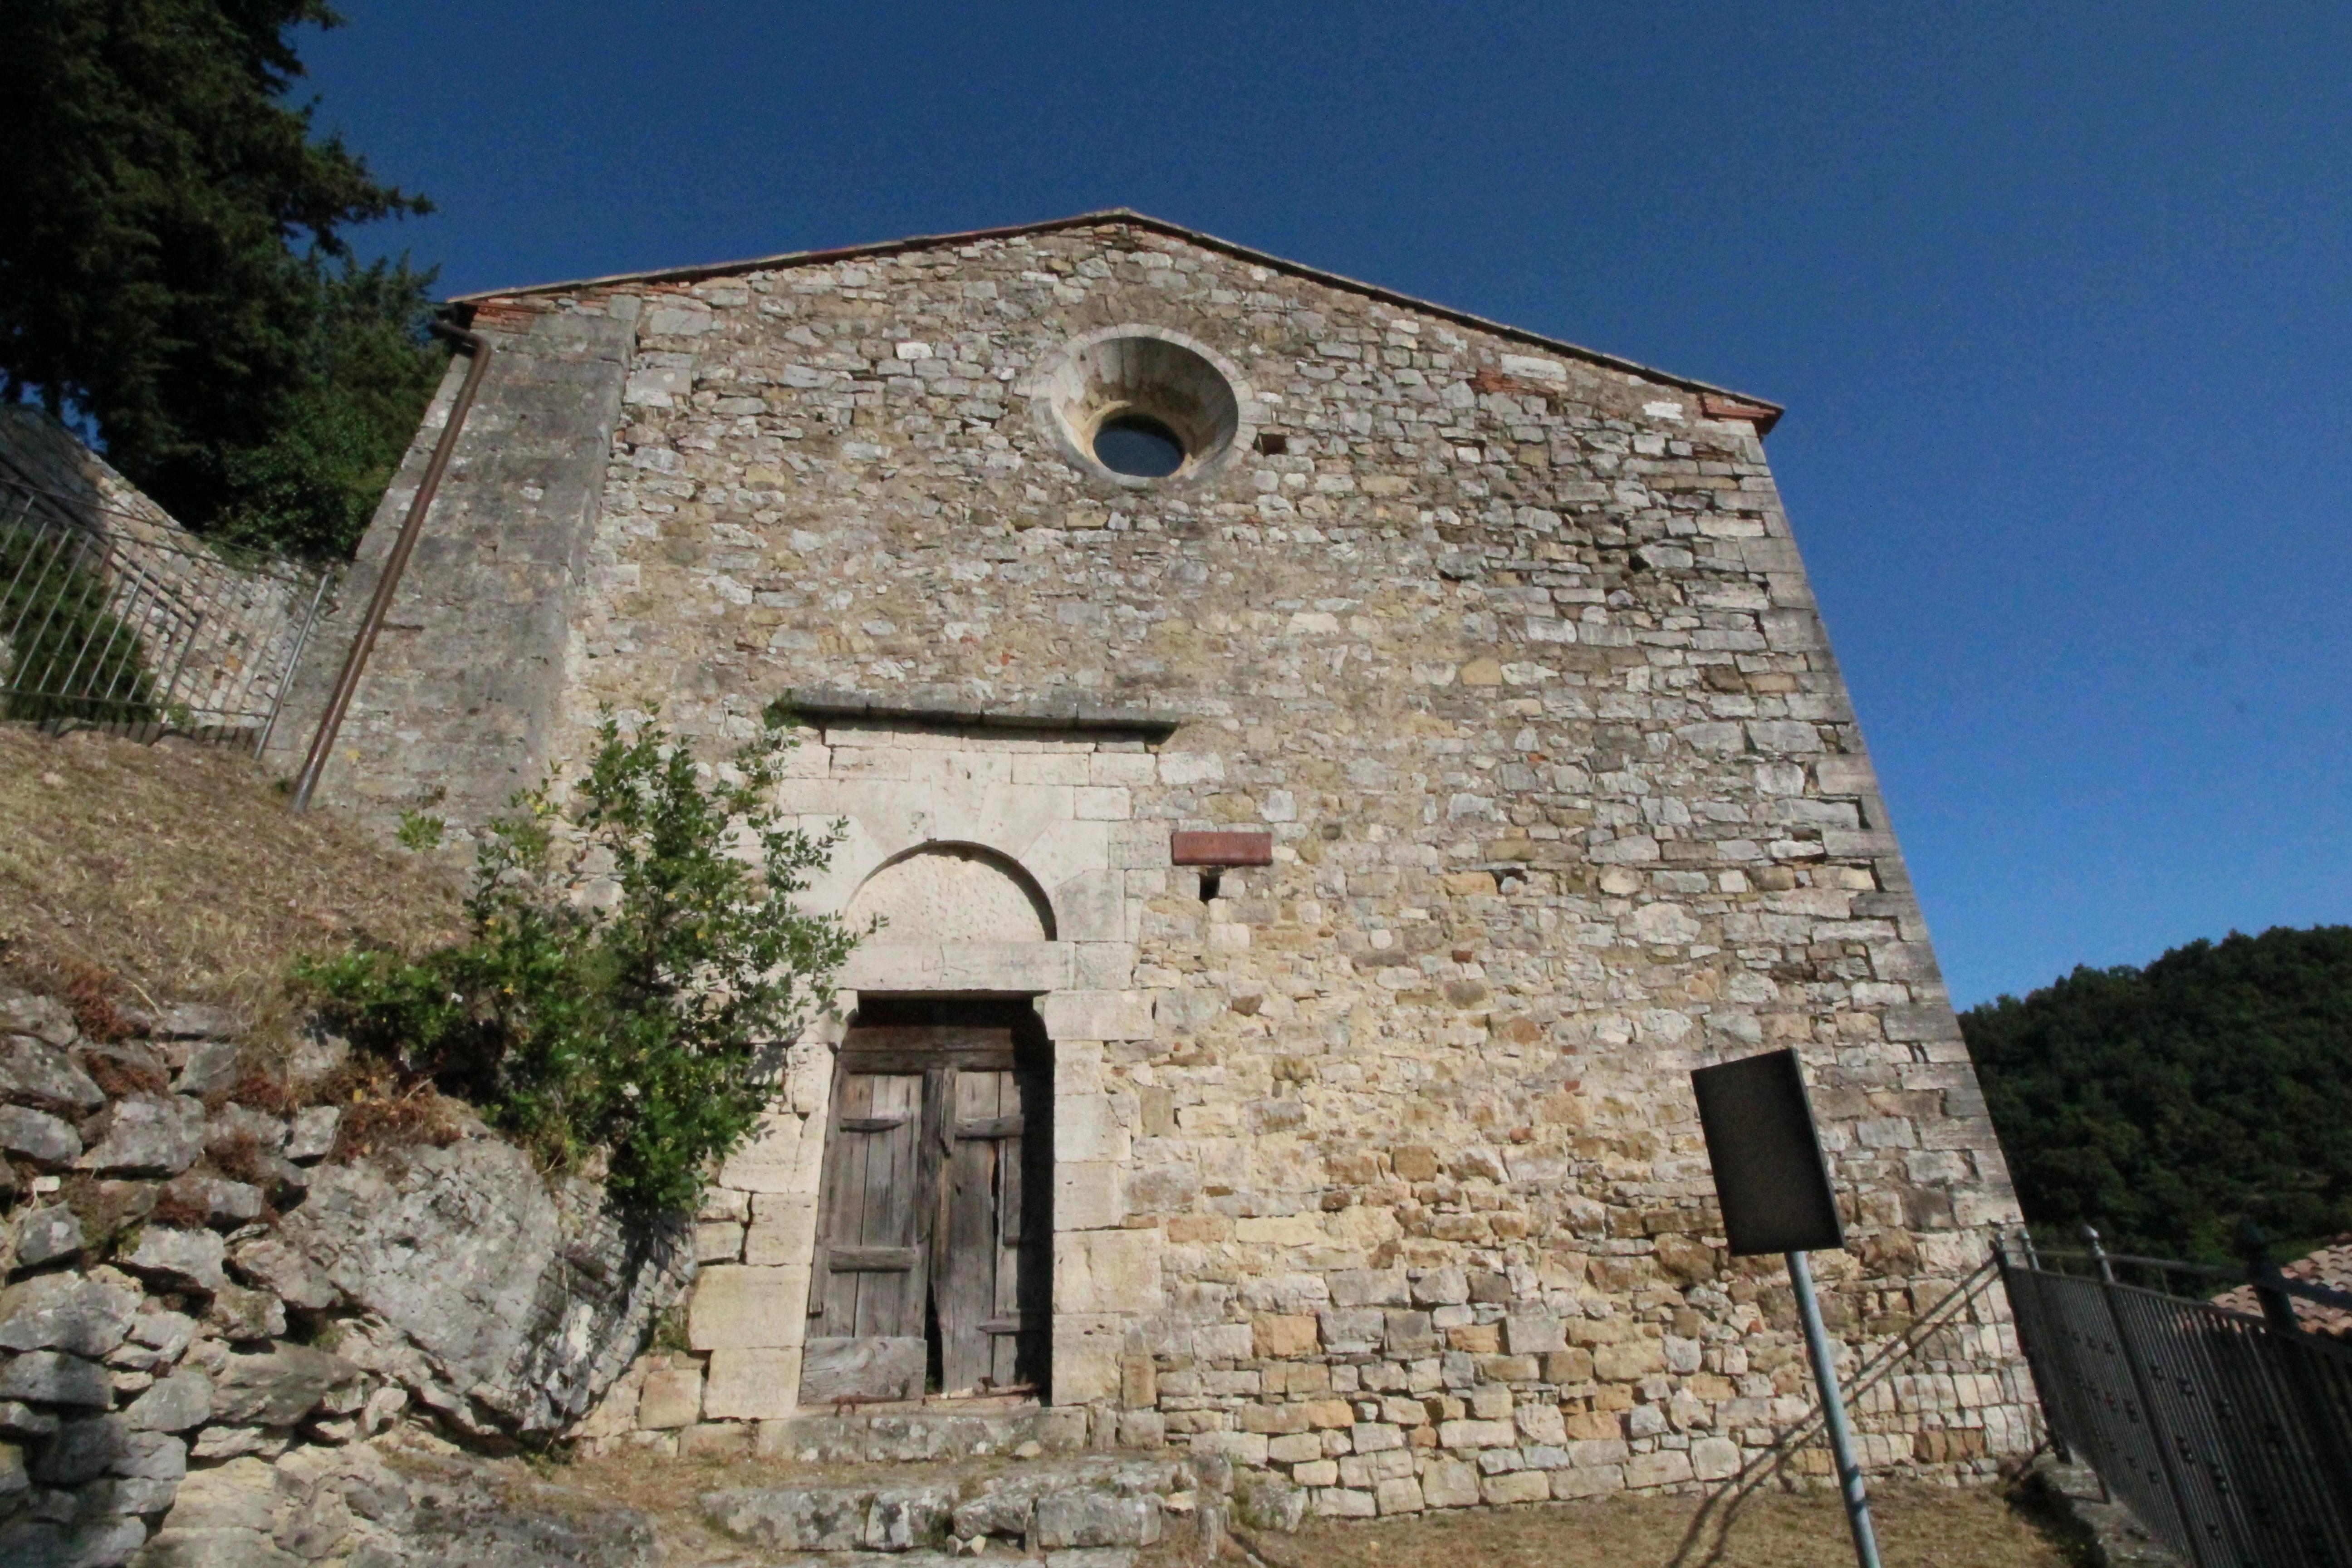 Semproniano, Pieve di Santa Cristina, facciata, Rocchette di Fazio (GR)